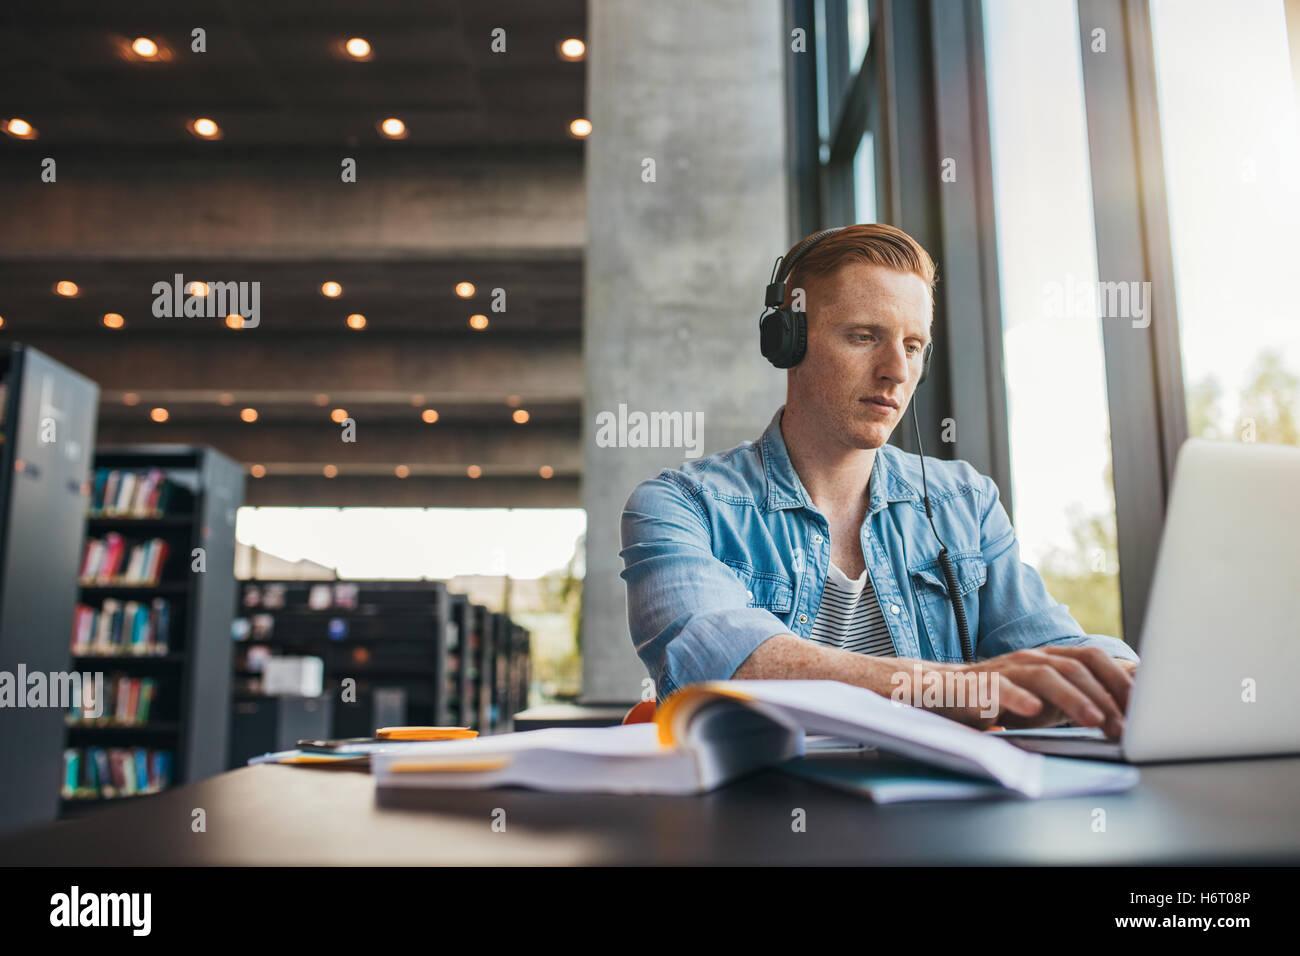 Junge männliche Schüler mit Kopfhörern auf dem Laptop zu studieren. Hübscher kaukasischen Mann Stockbild